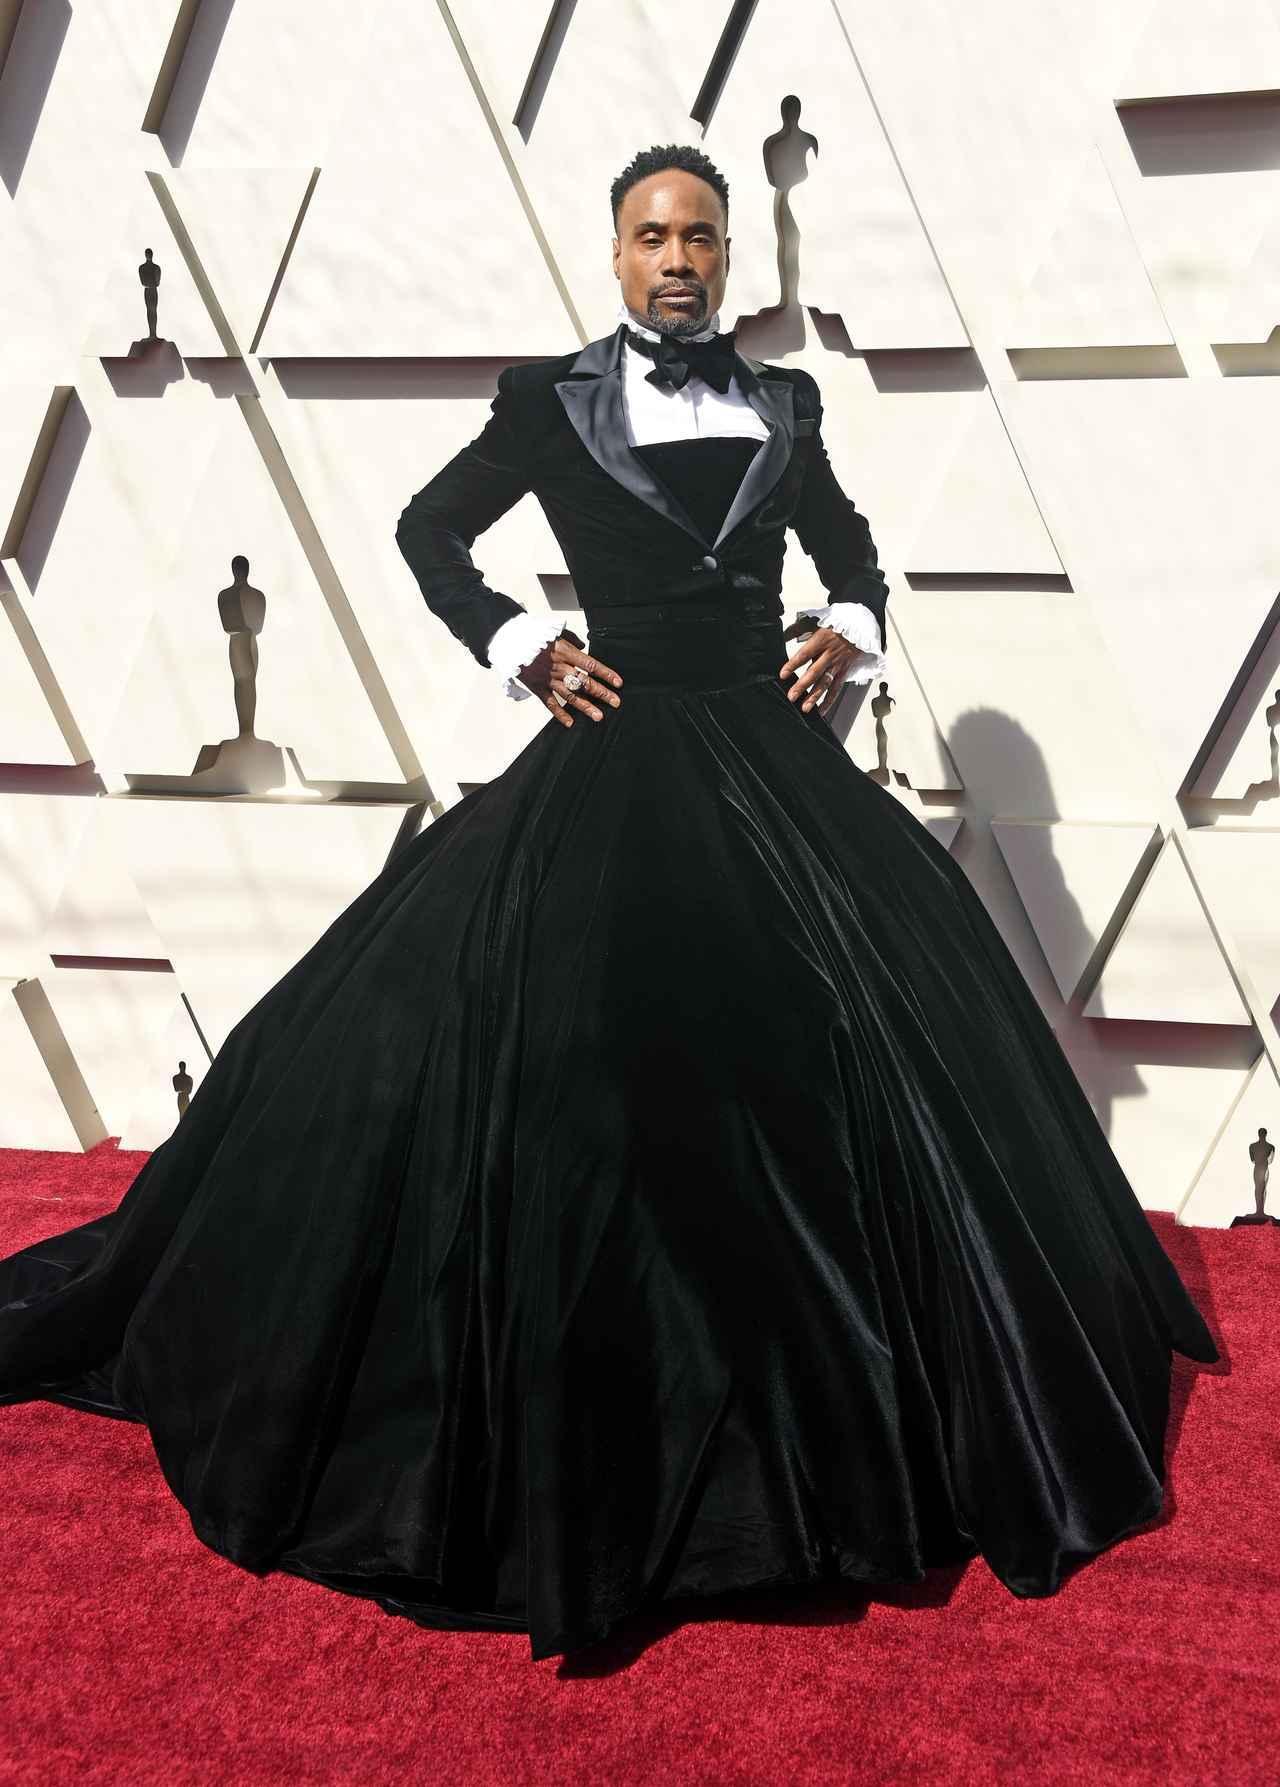 画像11: アカデミー賞授賞式で最もアイコニックだった衣装特集